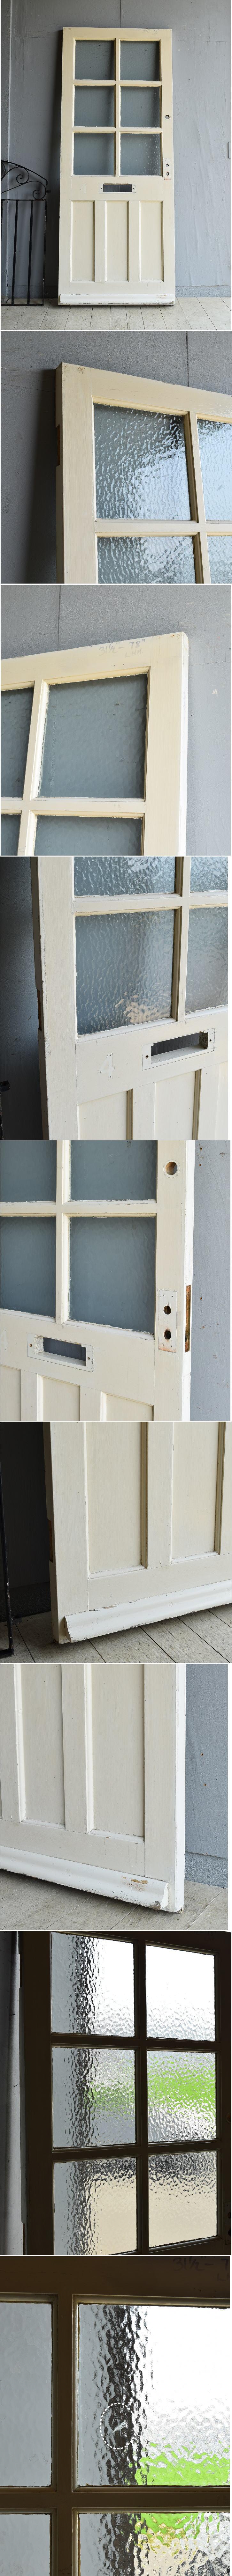 イギリス アンティーク ドア 扉 建具 8086